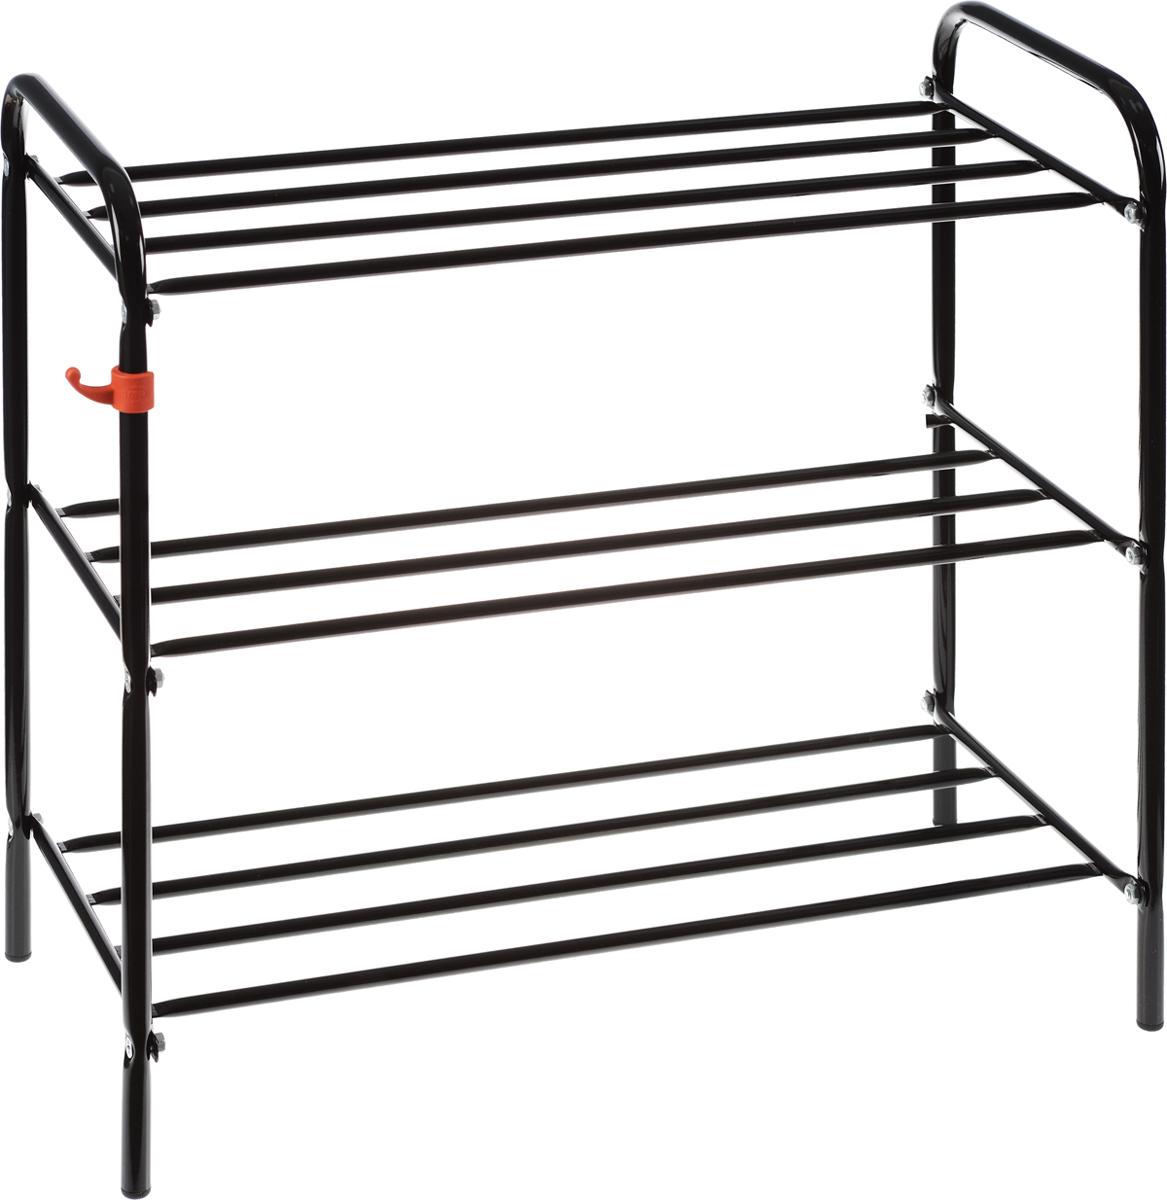 Внутренние элементы для ПАКС - ПАКС система - IKEA